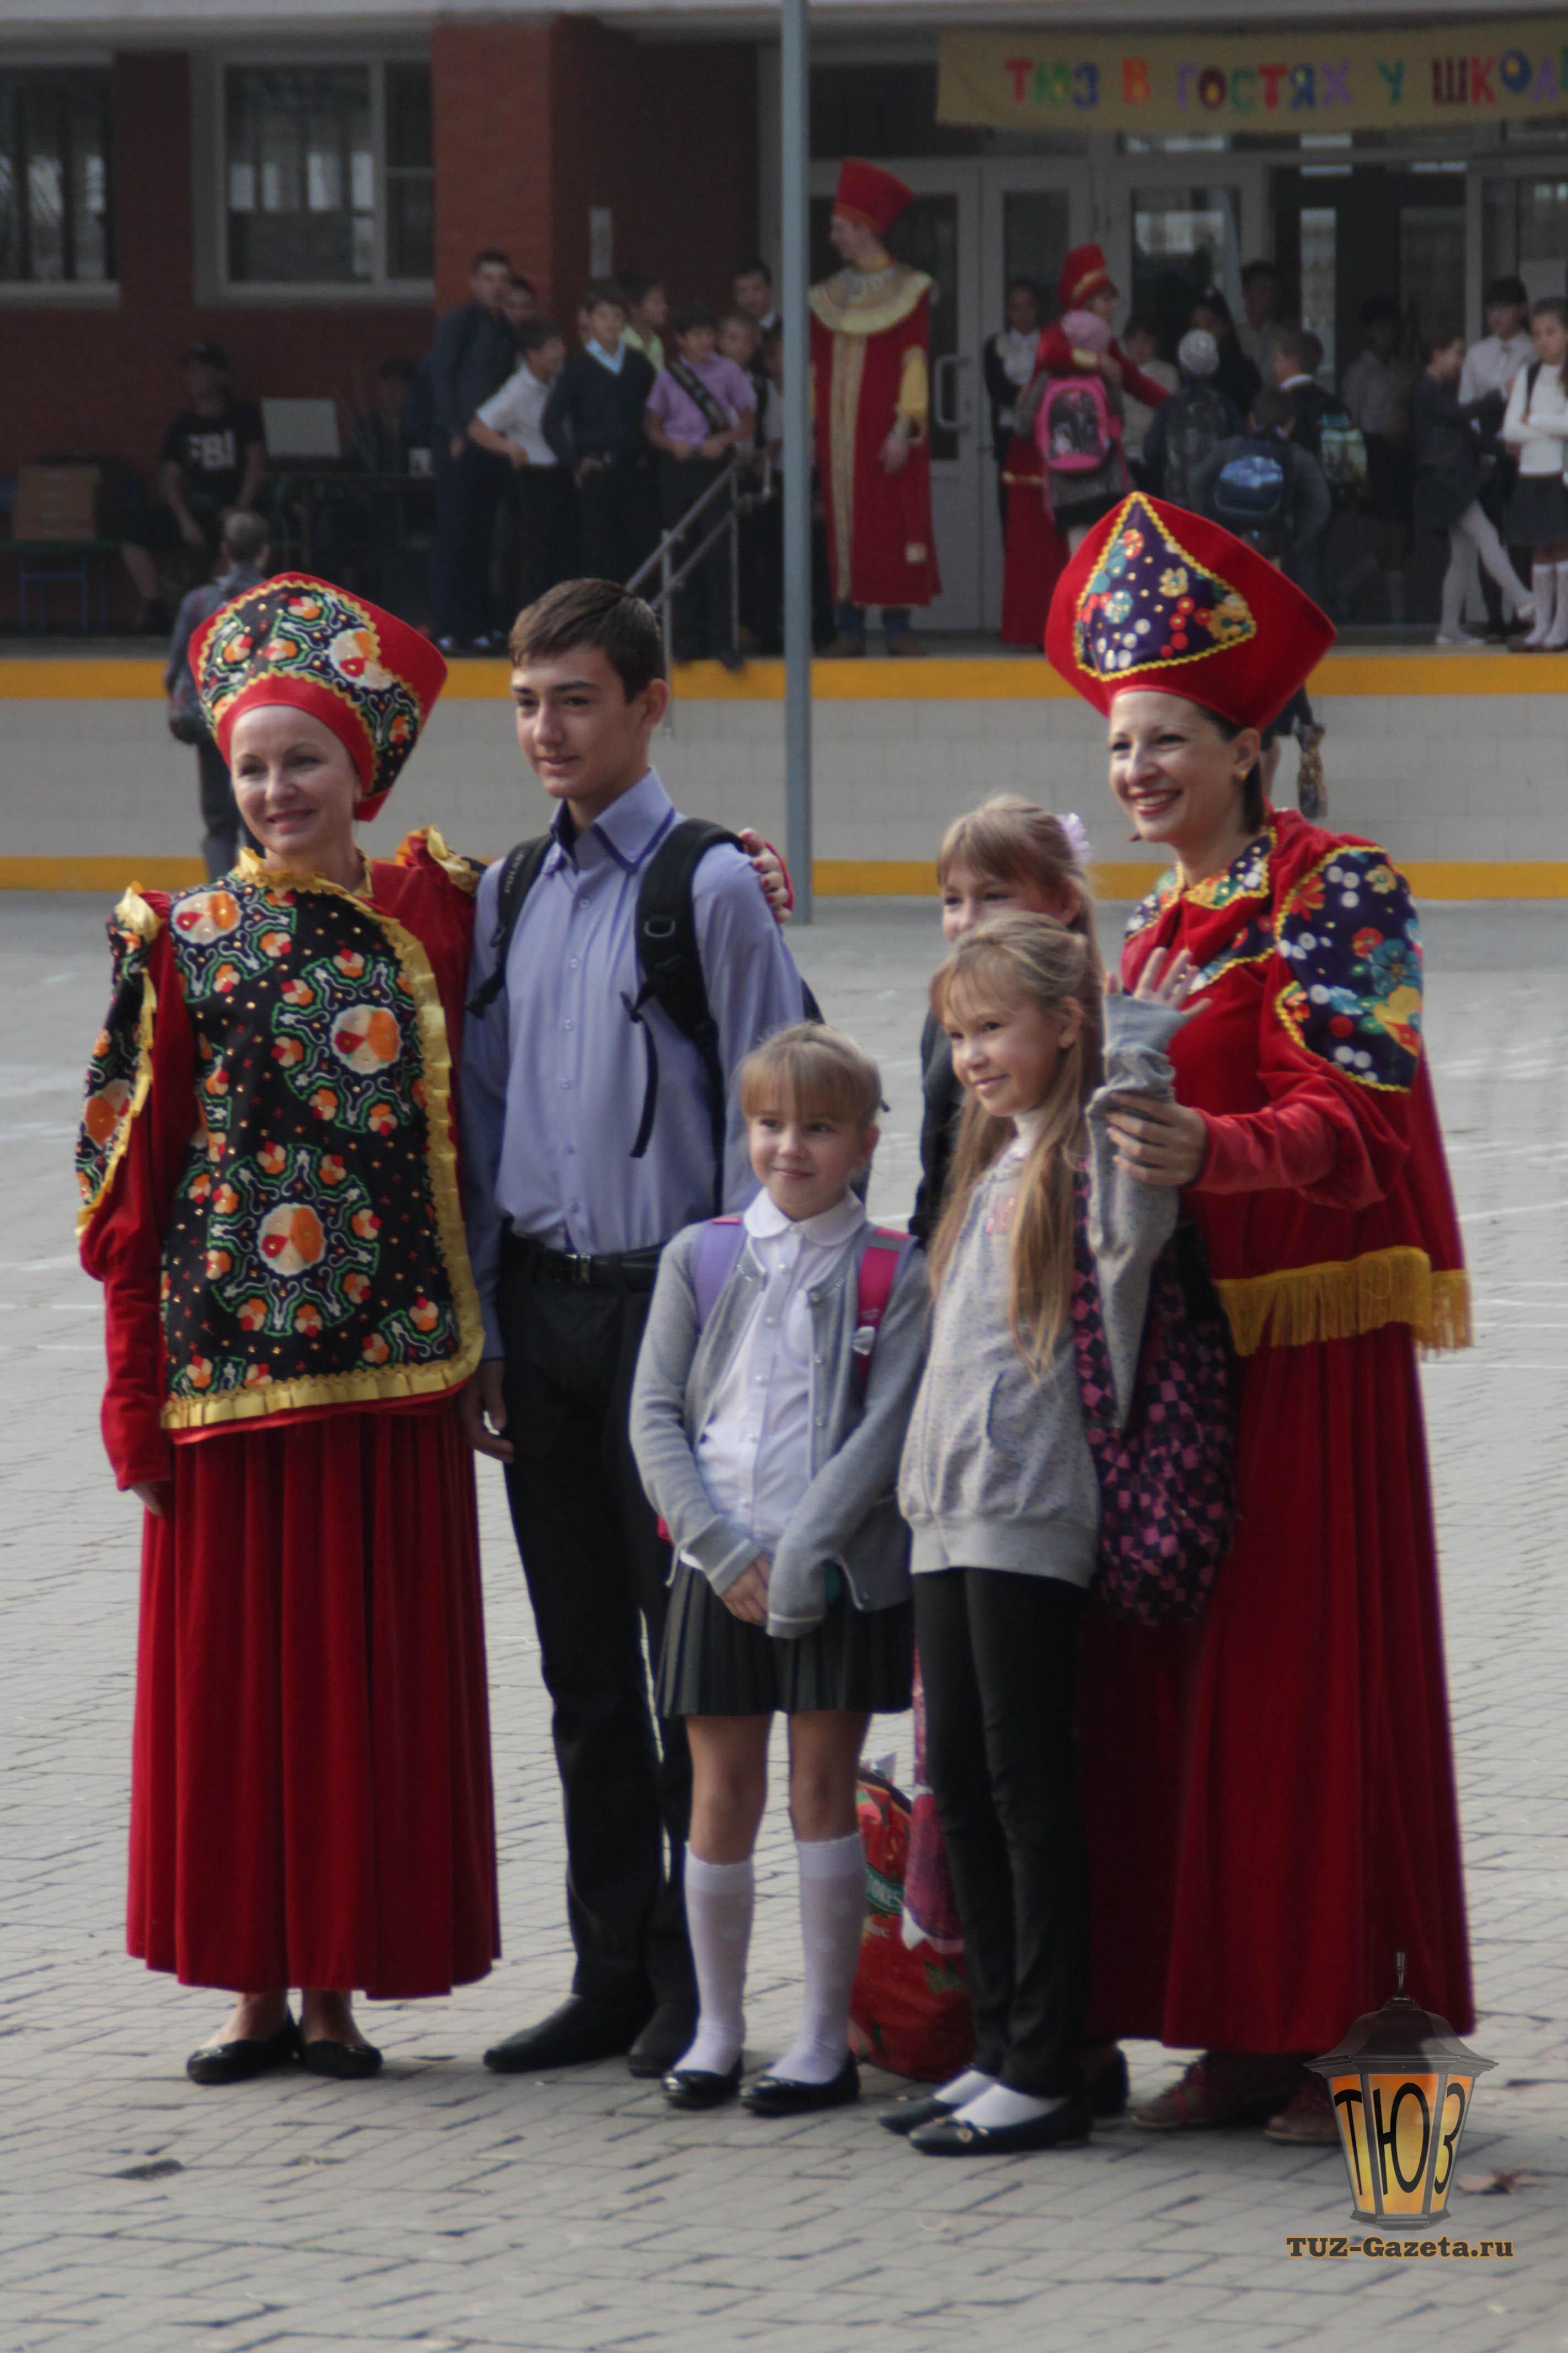 ТЮЗ в гостях у школы-2